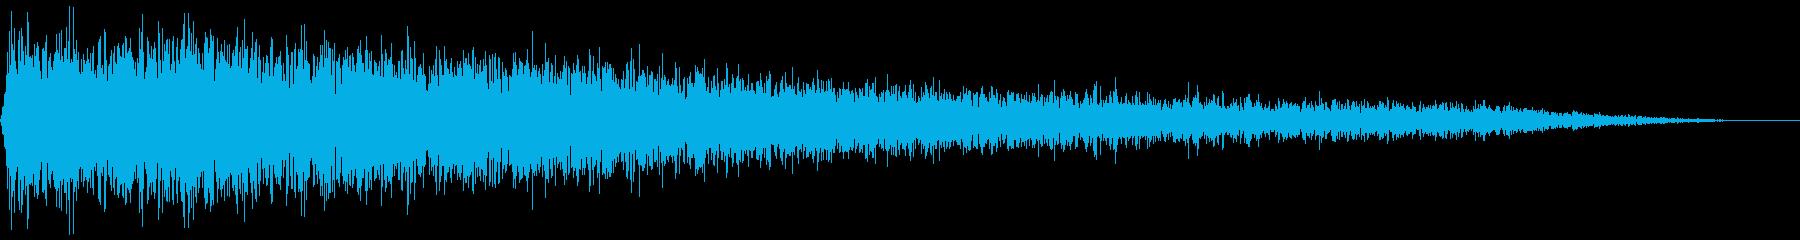 【ダーク】ホラー・サウンドスケイプ_05の再生済みの波形